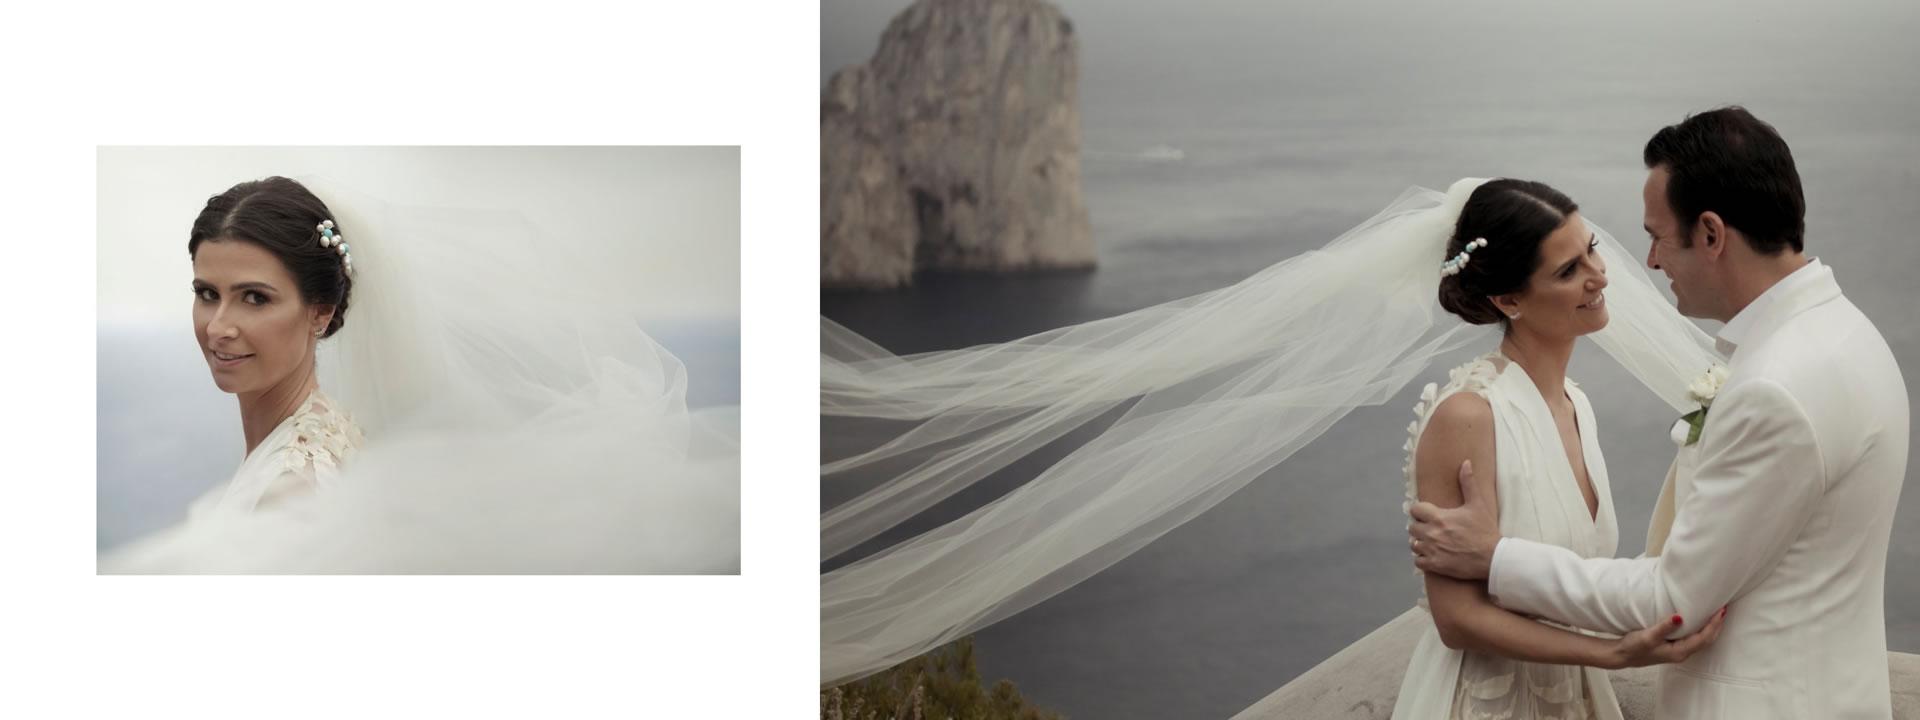 - 44 :: Jewish luxury wedding weekend in Capri :: Luxury wedding photography - 43 ::  - 44